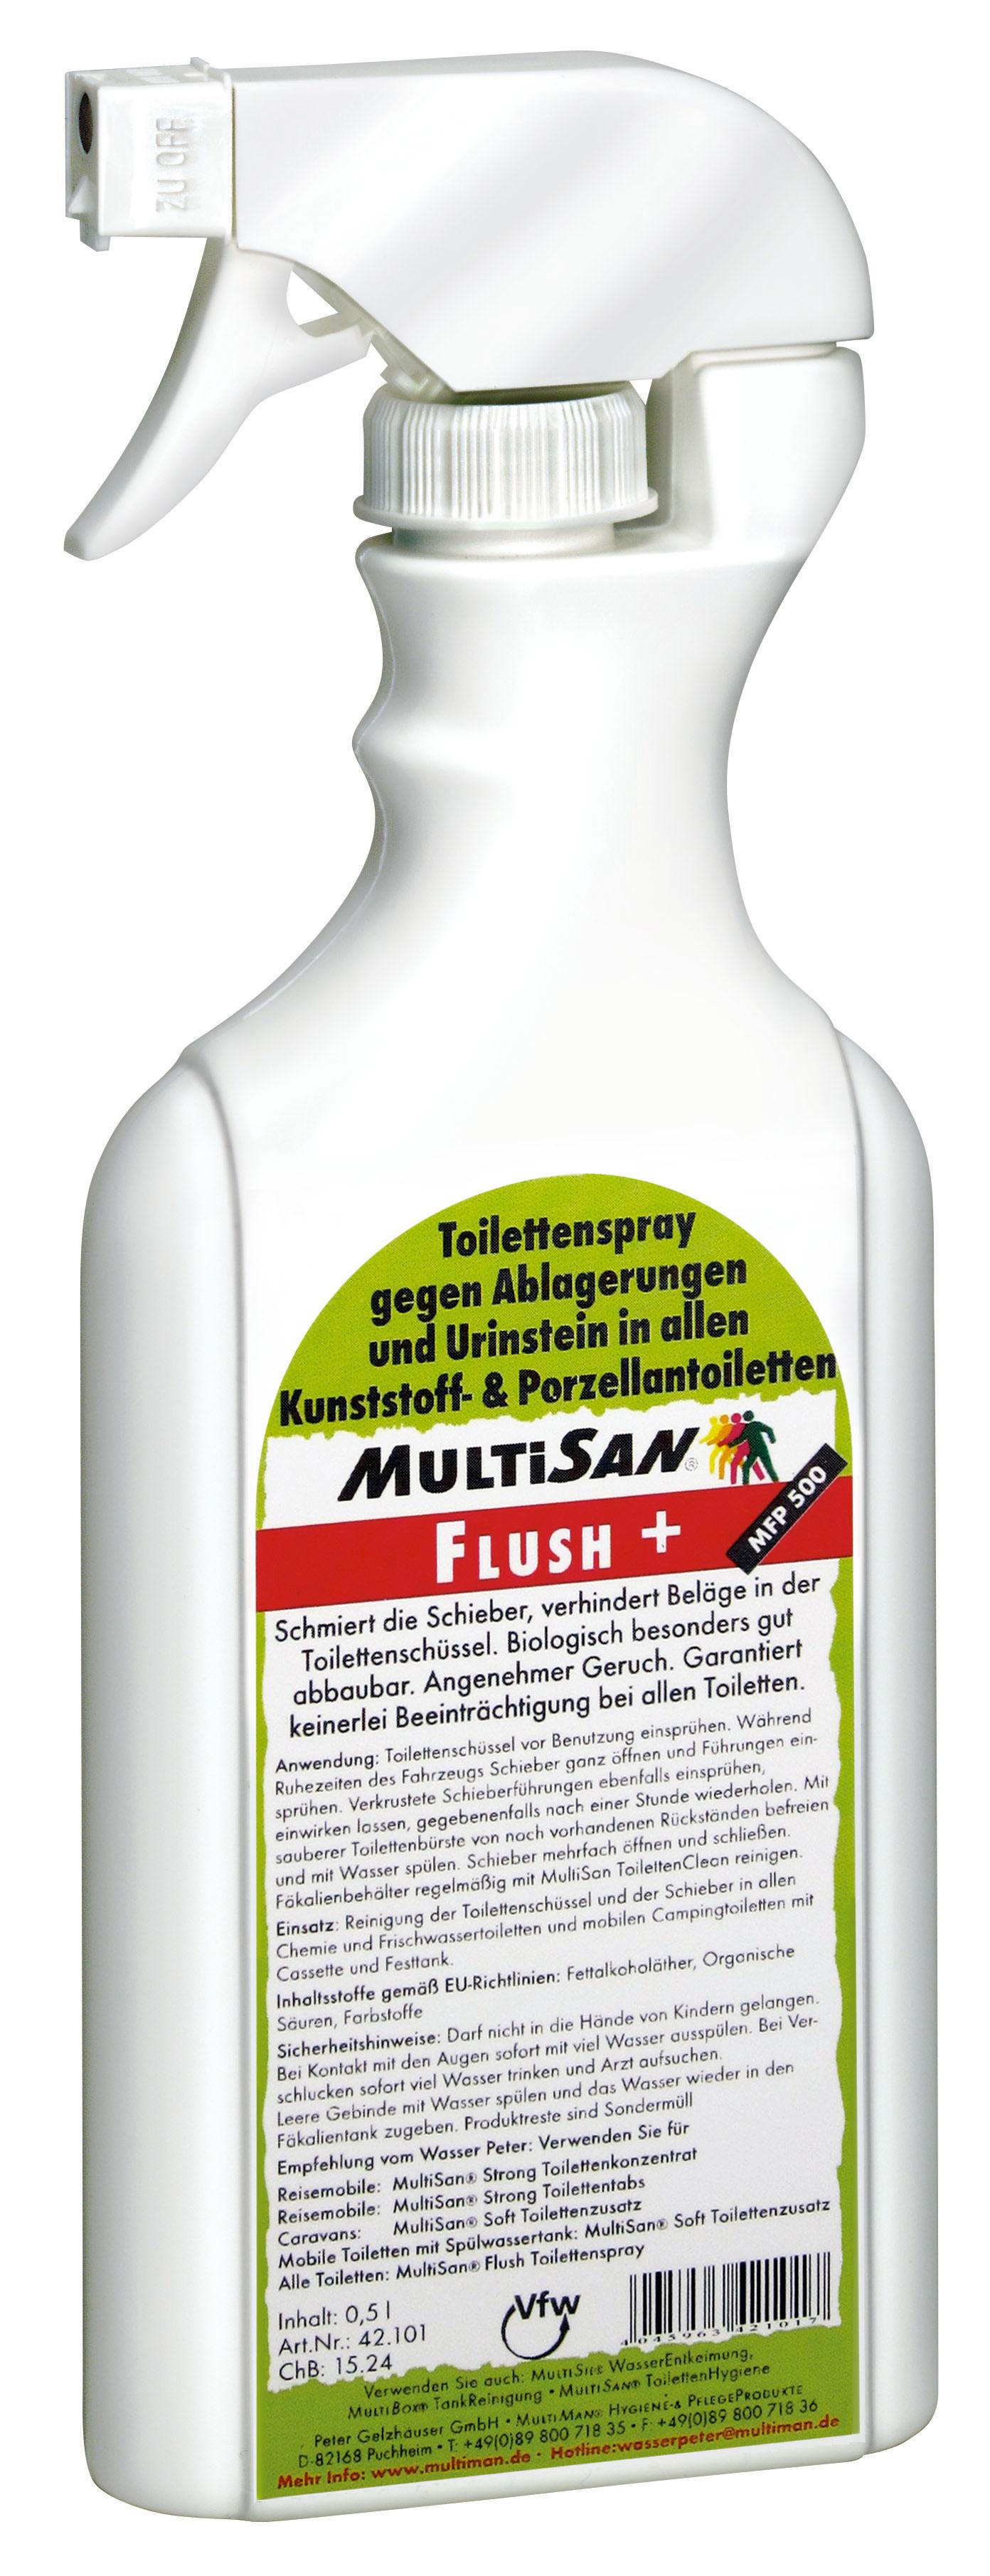 Toilettenchemie_MultiSan_Flush_Plus_Toilettenspray_500_Spr-hflasche